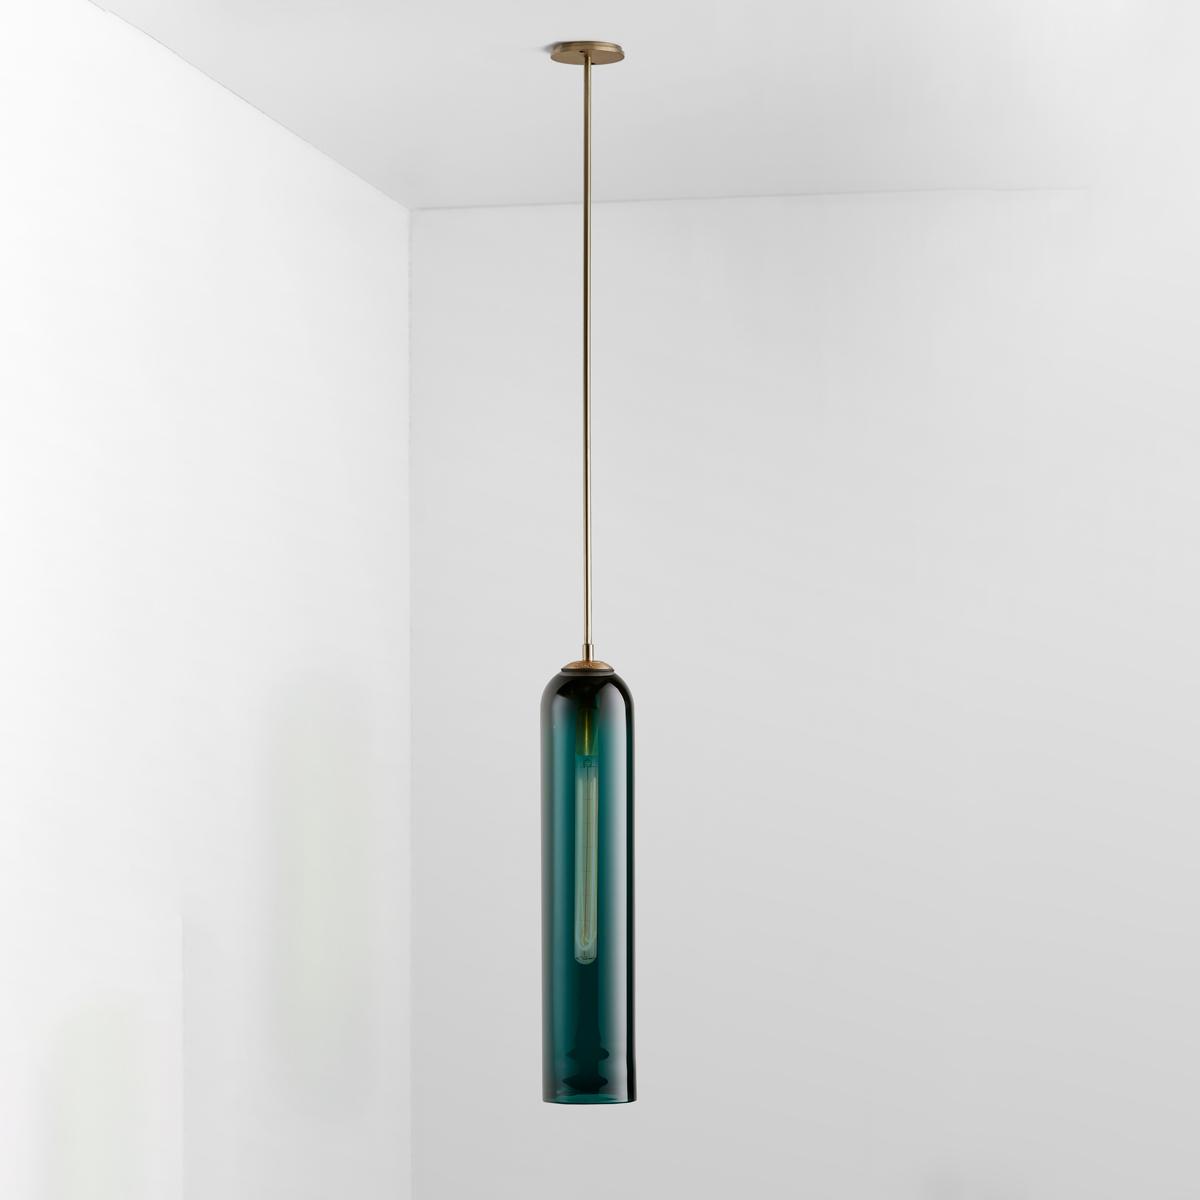 Articolo lighting float pendant drunken emerald brass on 2